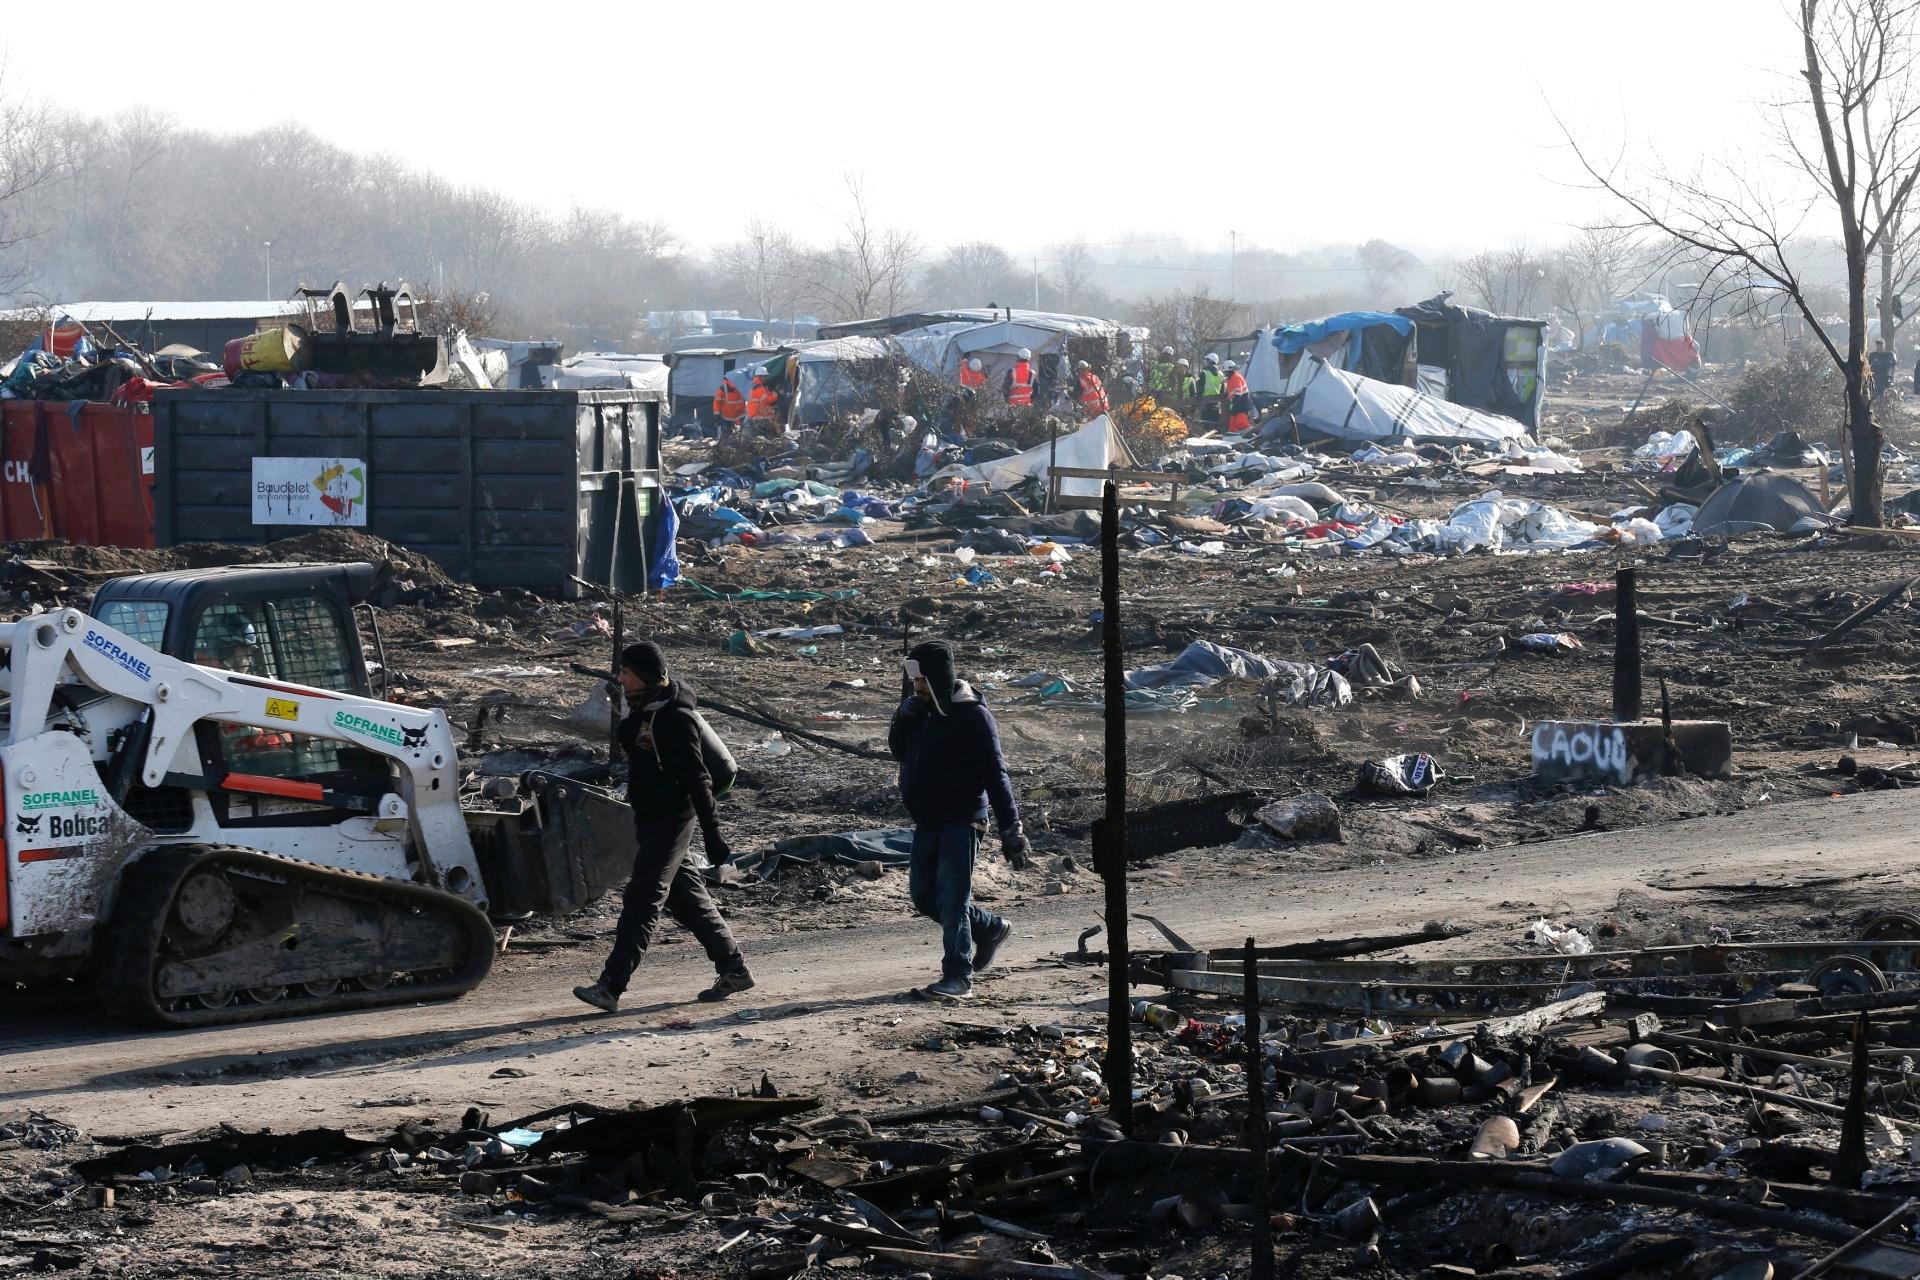 Desmonte do campo de refugiados de Calais, na França